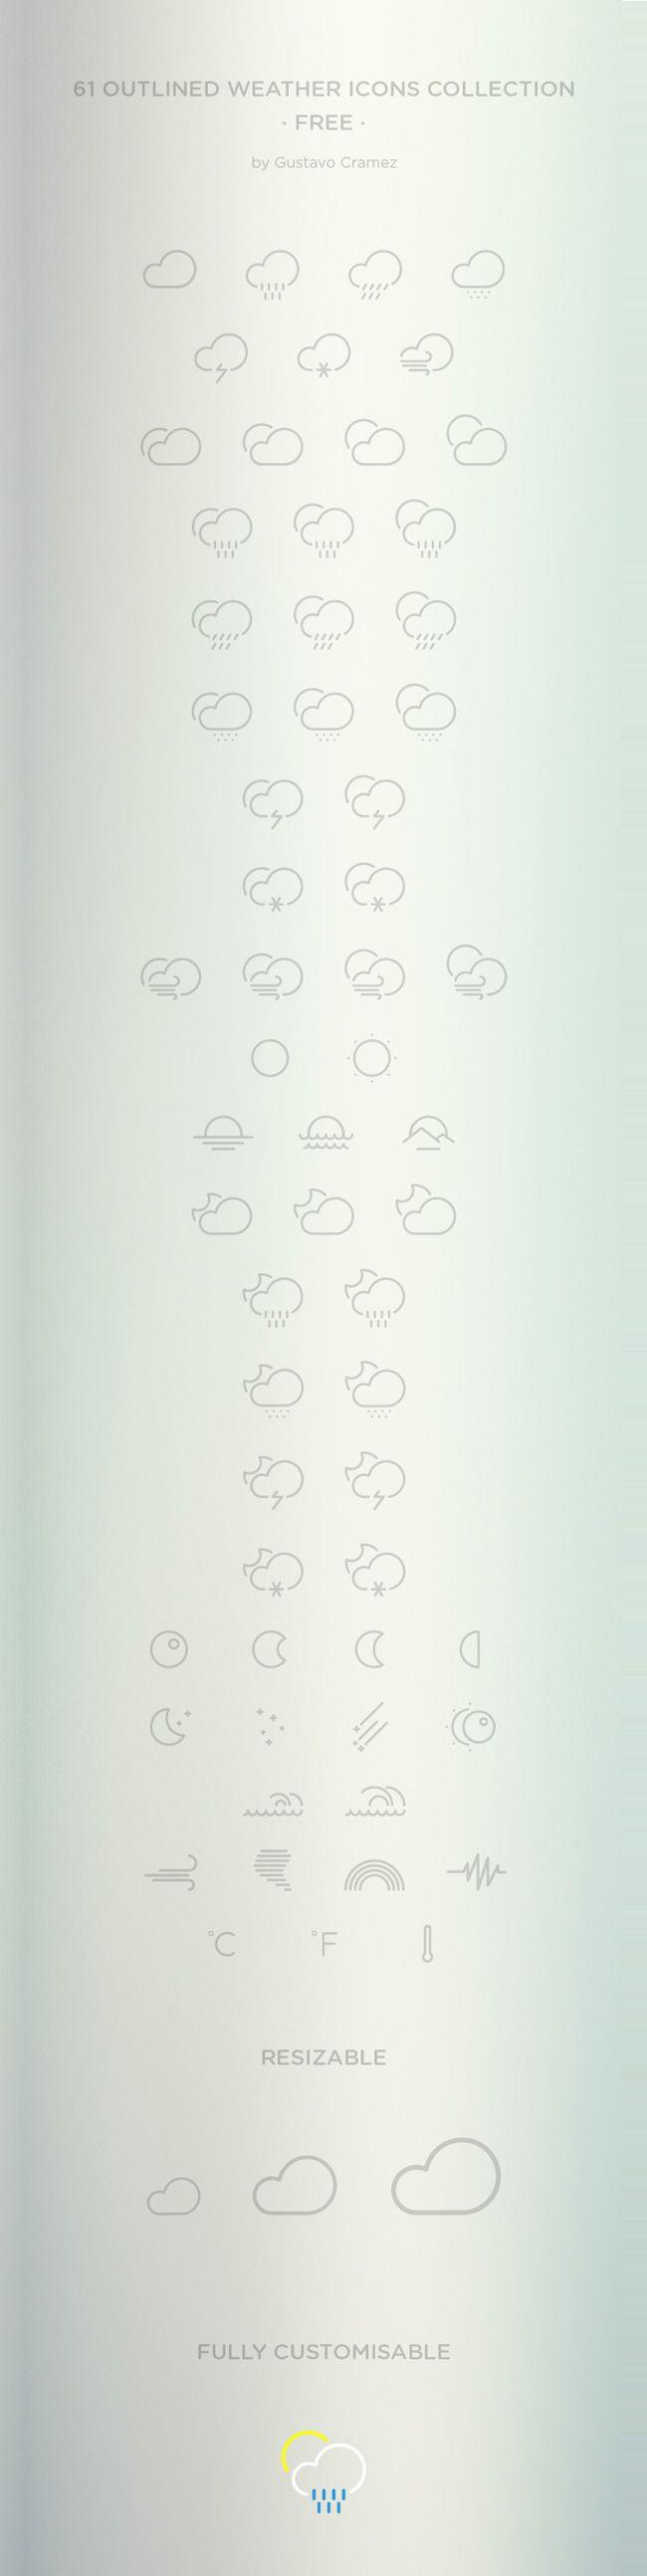 Kostenlose Wetter-Icons als Vektor-Datei